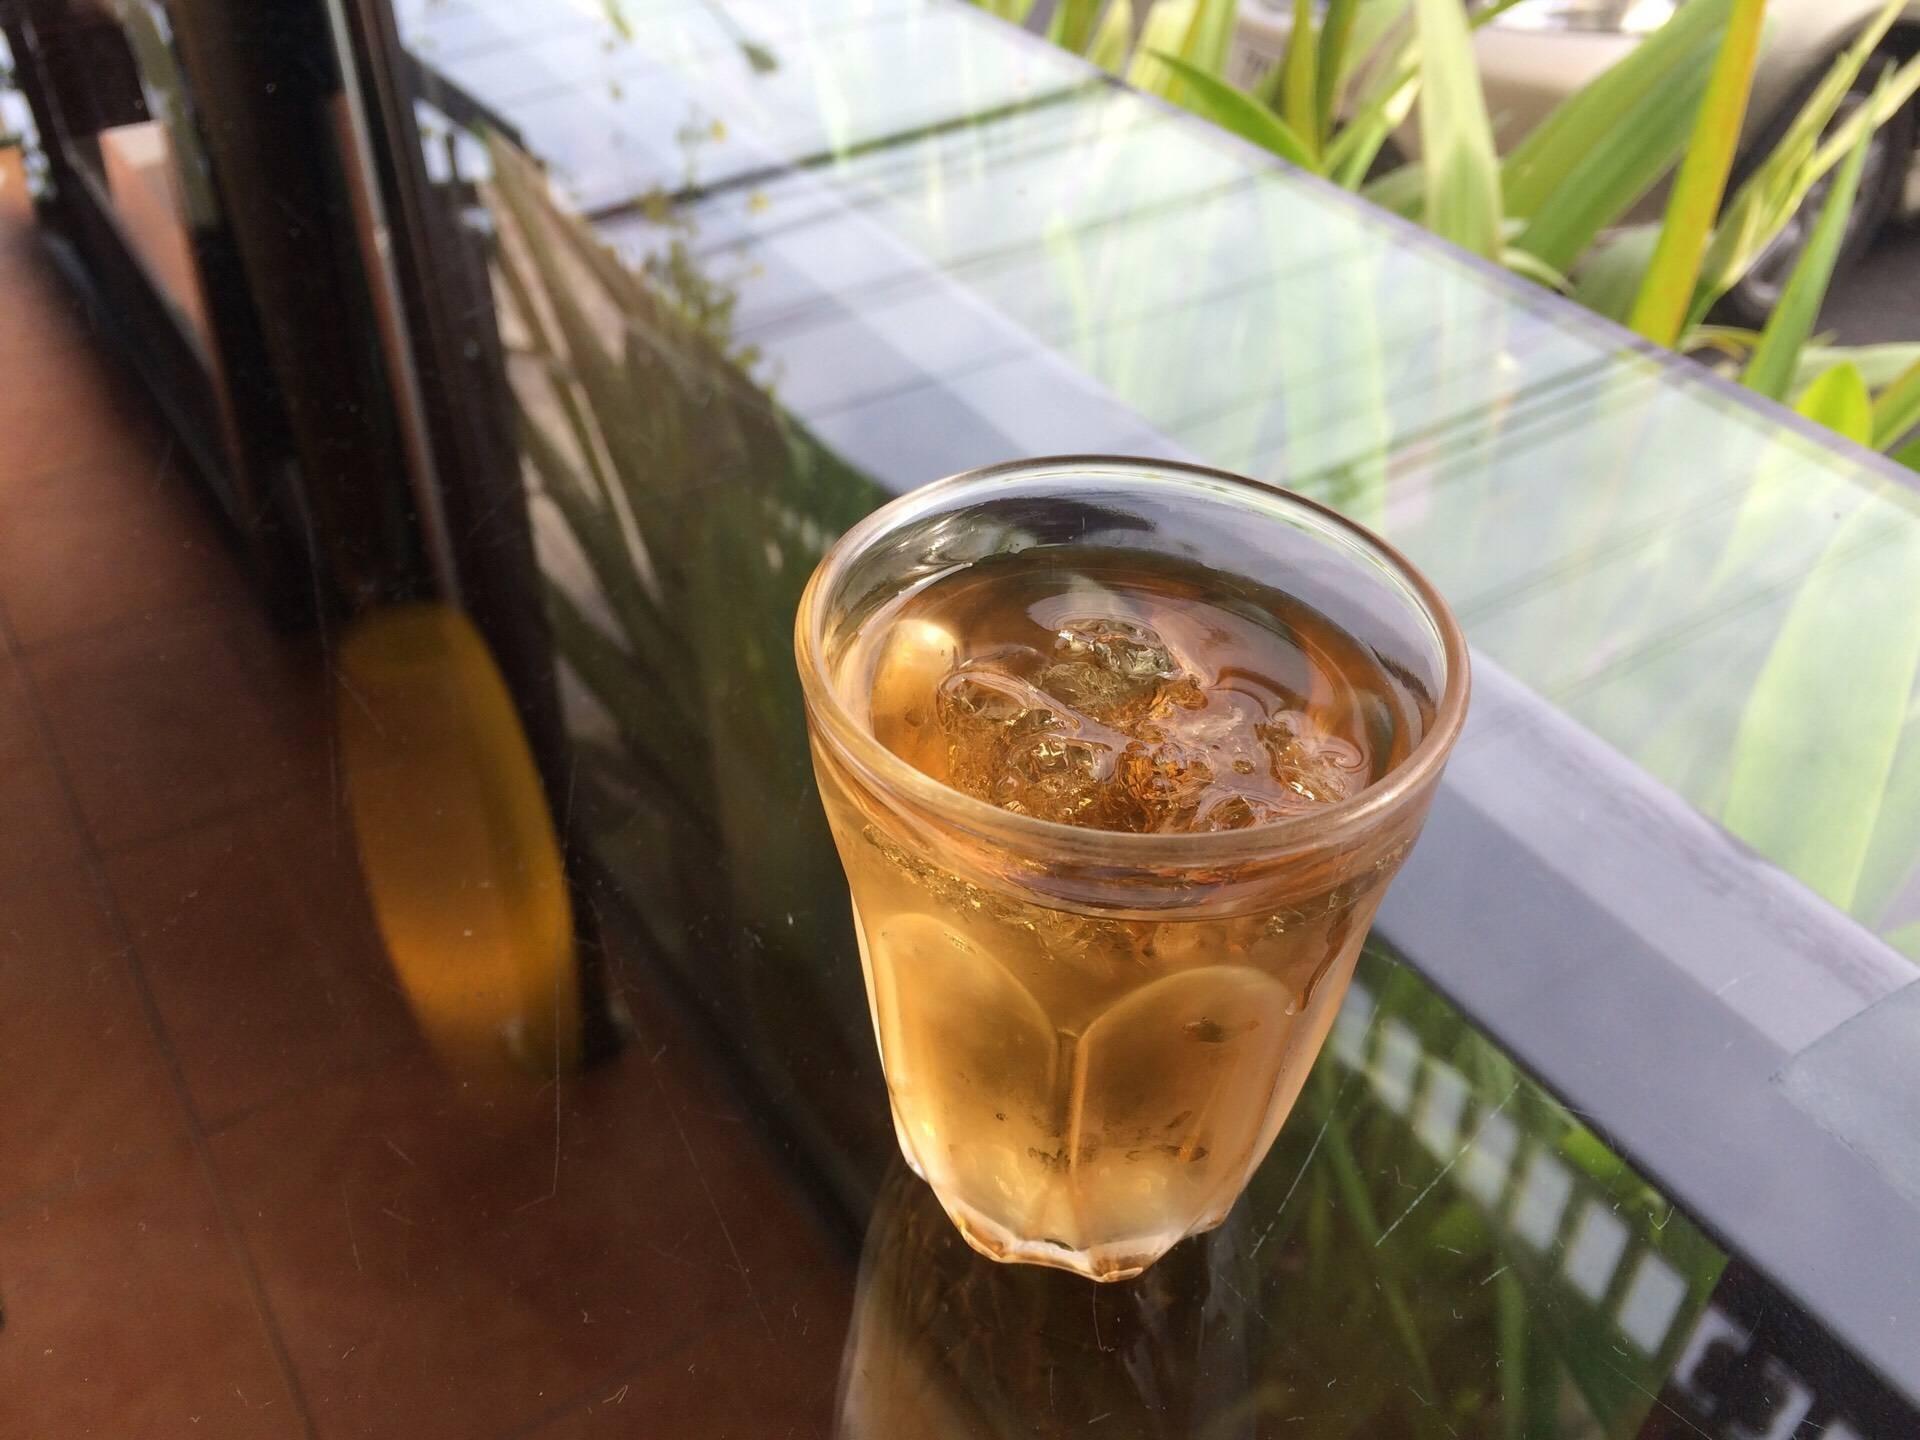 น้ำชาเสิร์ฟระหว่างรอเครื่องดื่ม